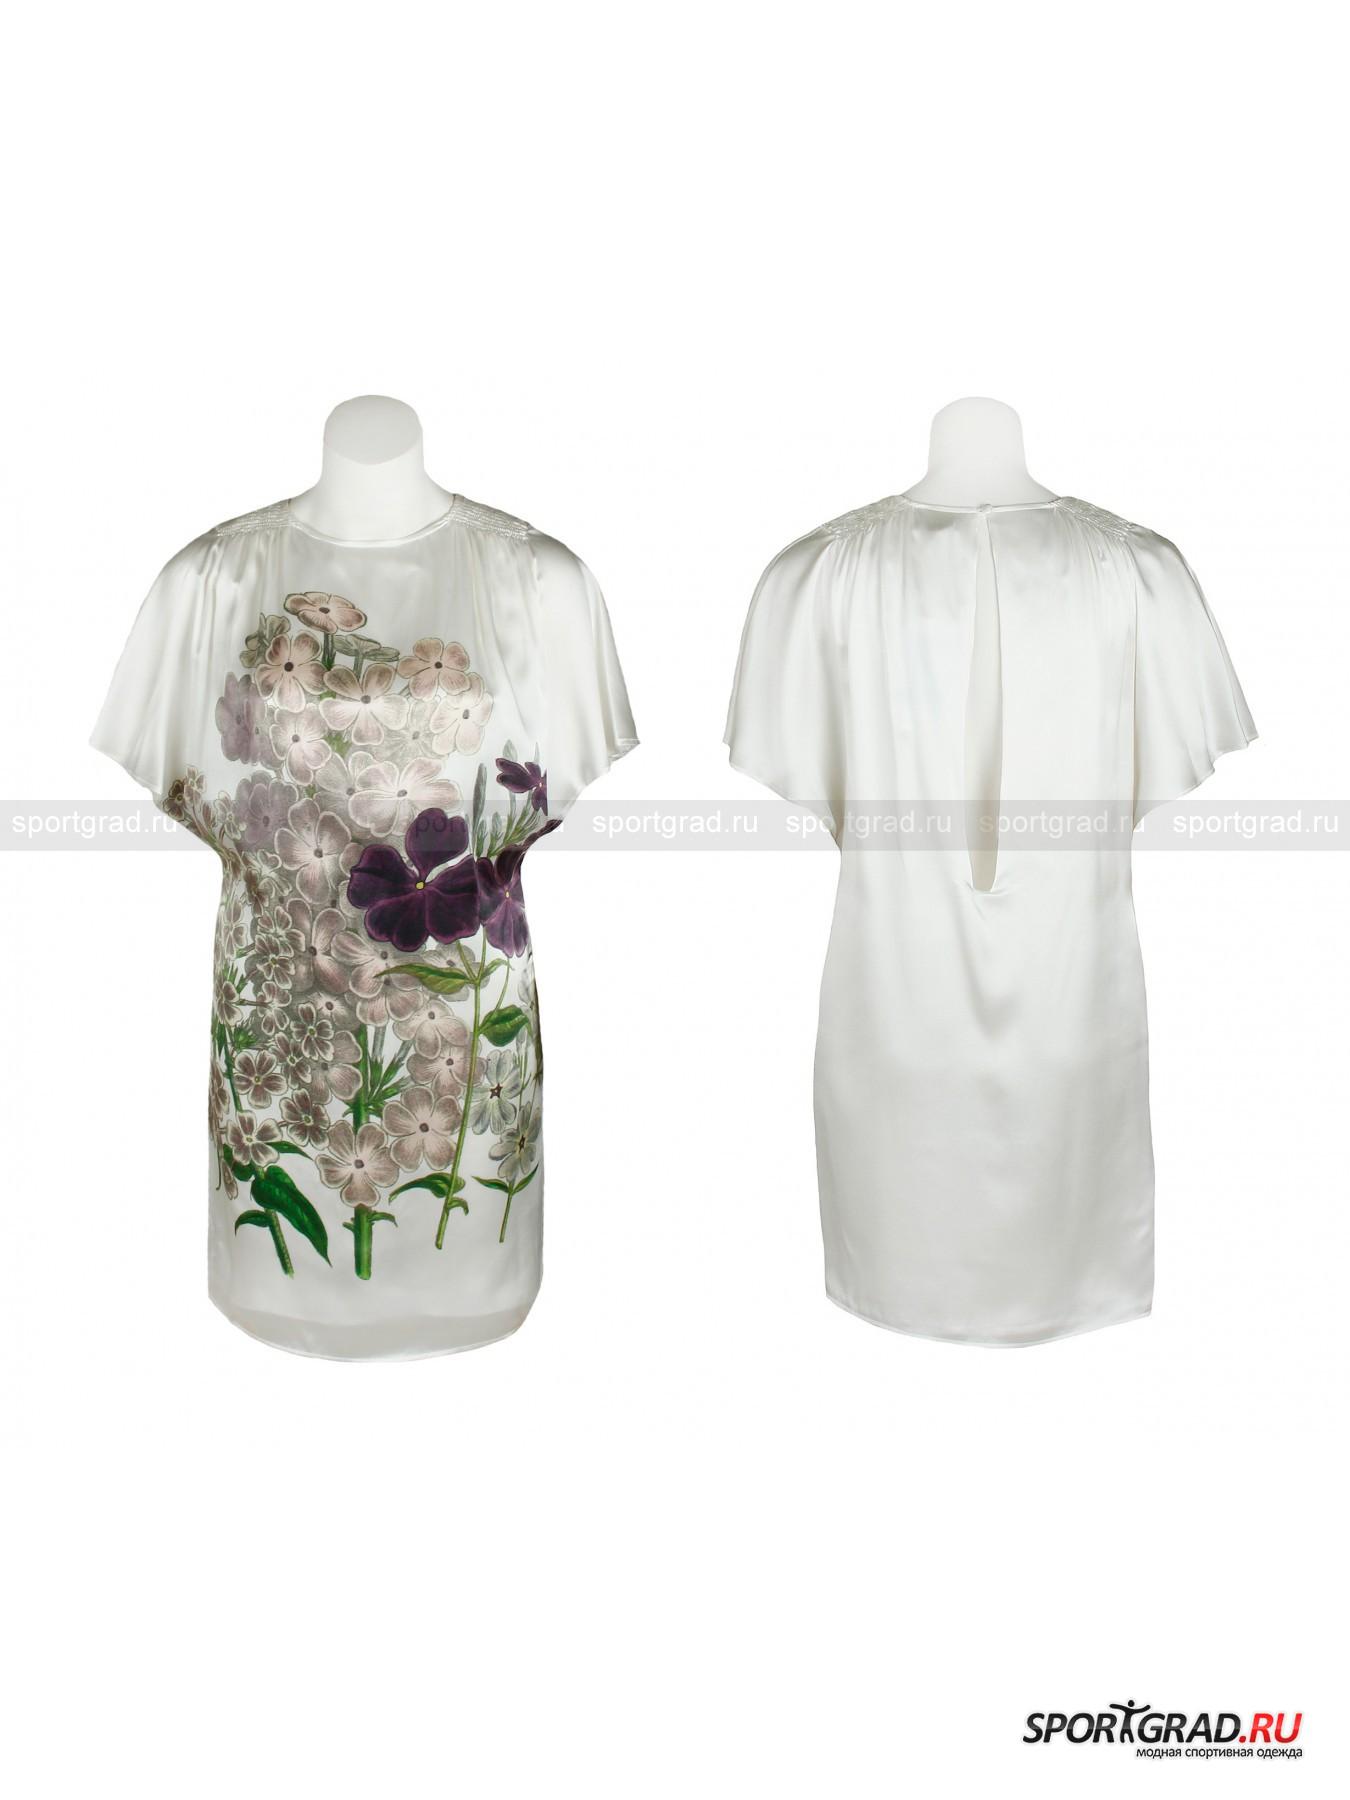 Платье Dress BEA от Спортград